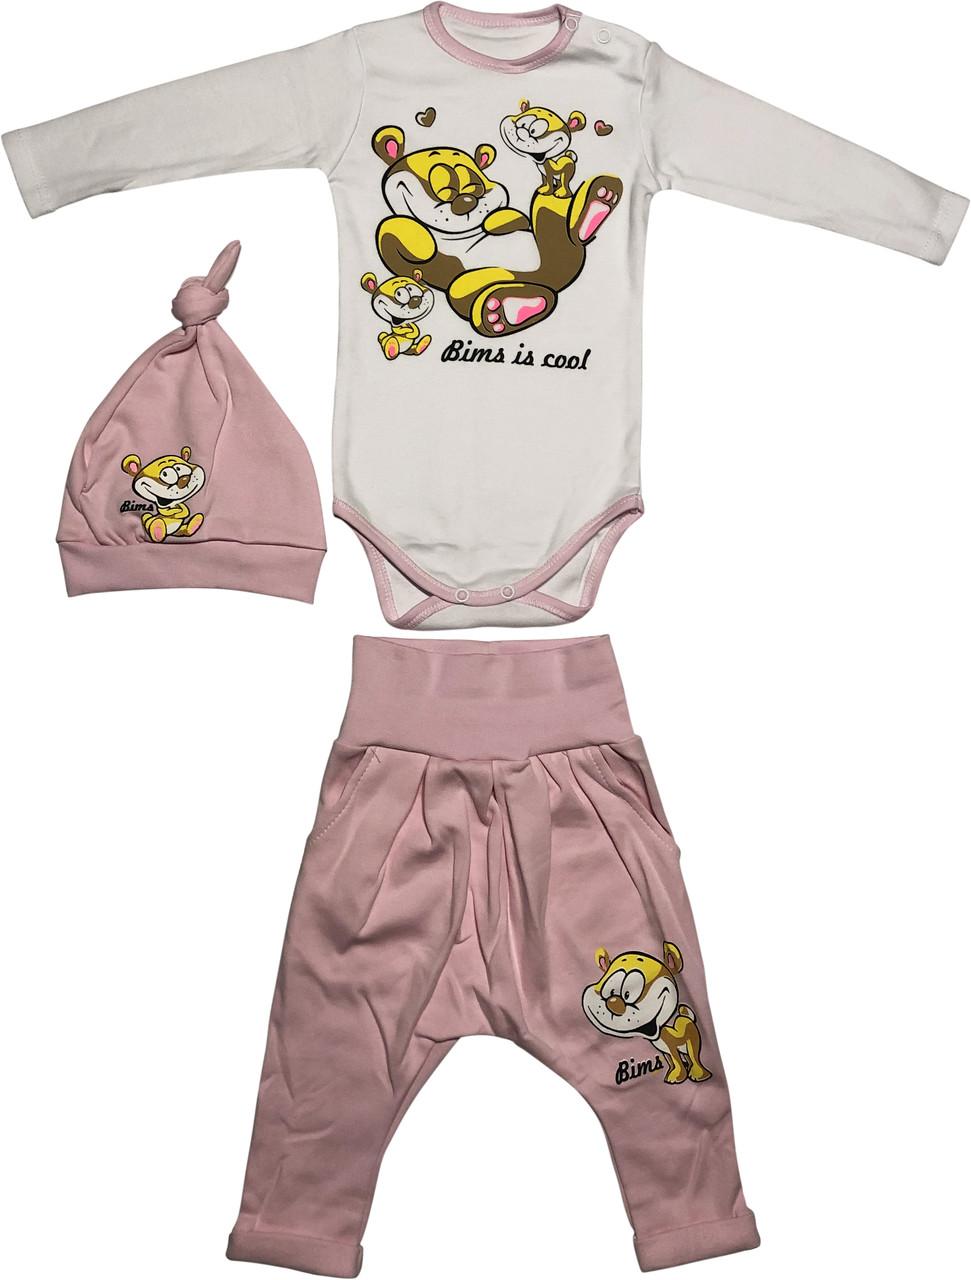 Теплий костюм з начосом на дівчинку зріст 62 2-3 міс для новонароджених комплект трикотажний інтерлок рожевий